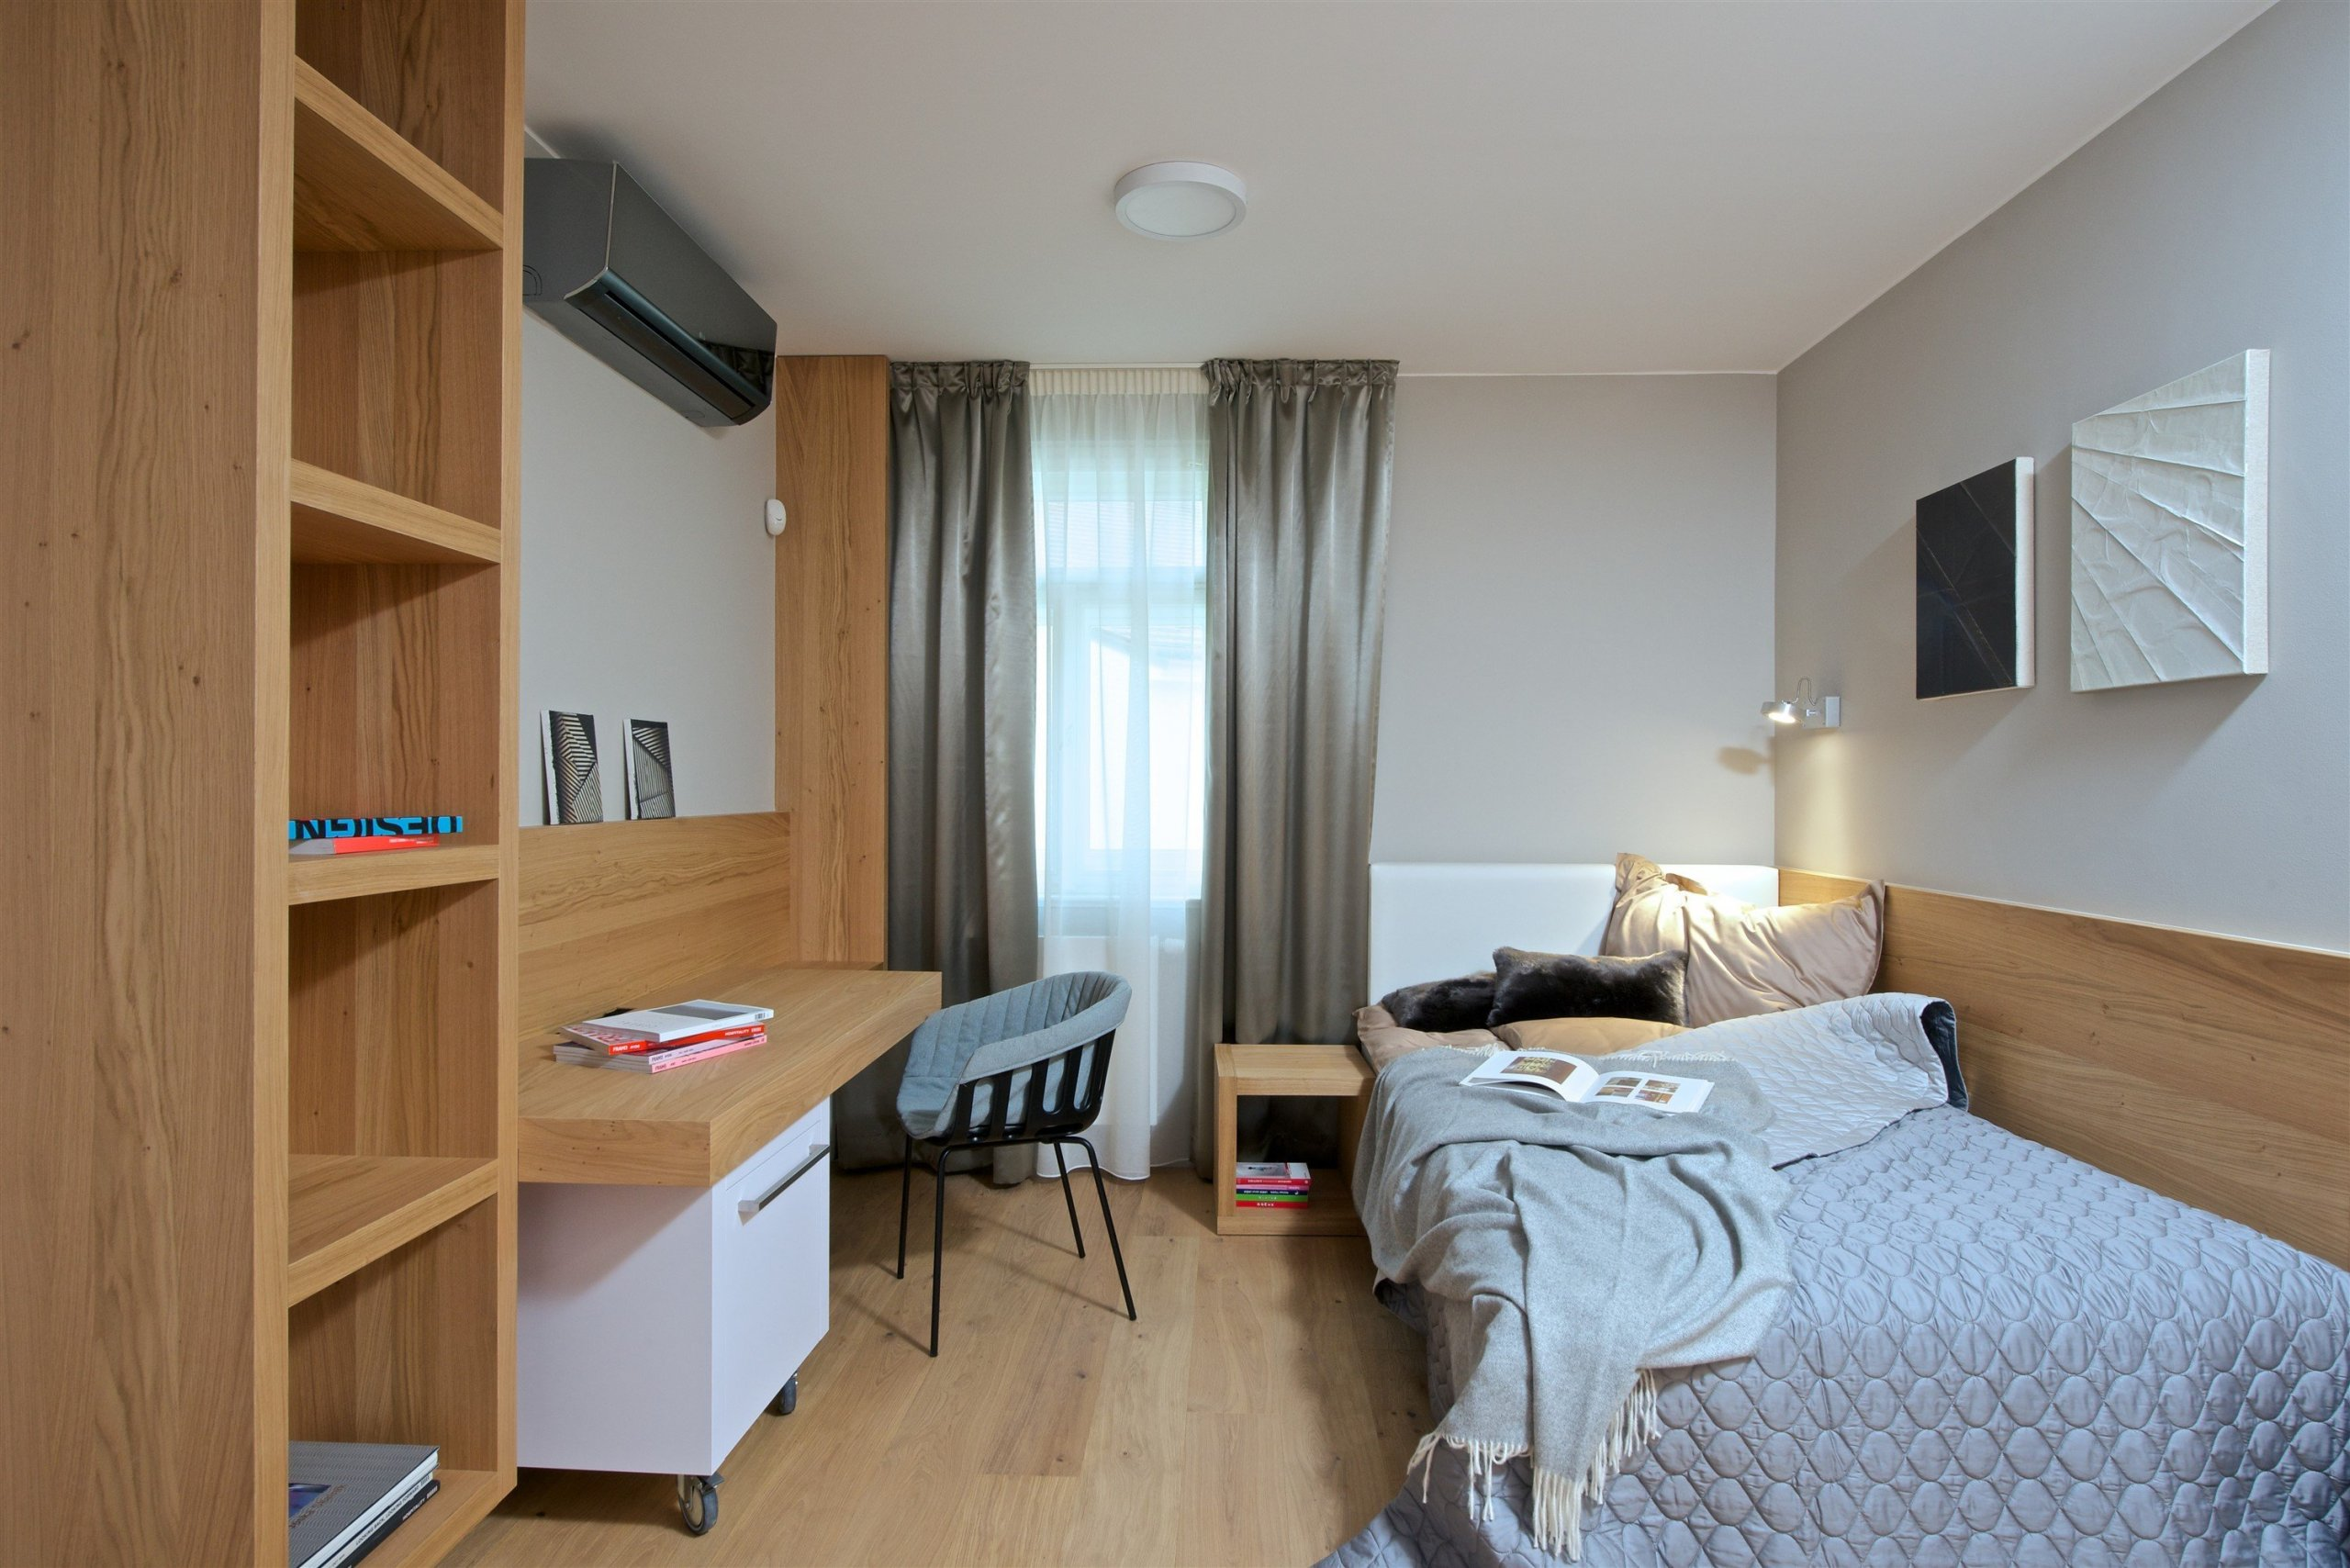 V rámci projektuSquat iD23jsme v bytovém domě v Pařížské ulici č.23 v Praze byli v trochu jiné situaci, než ostatní architekti, kteří na tomto…